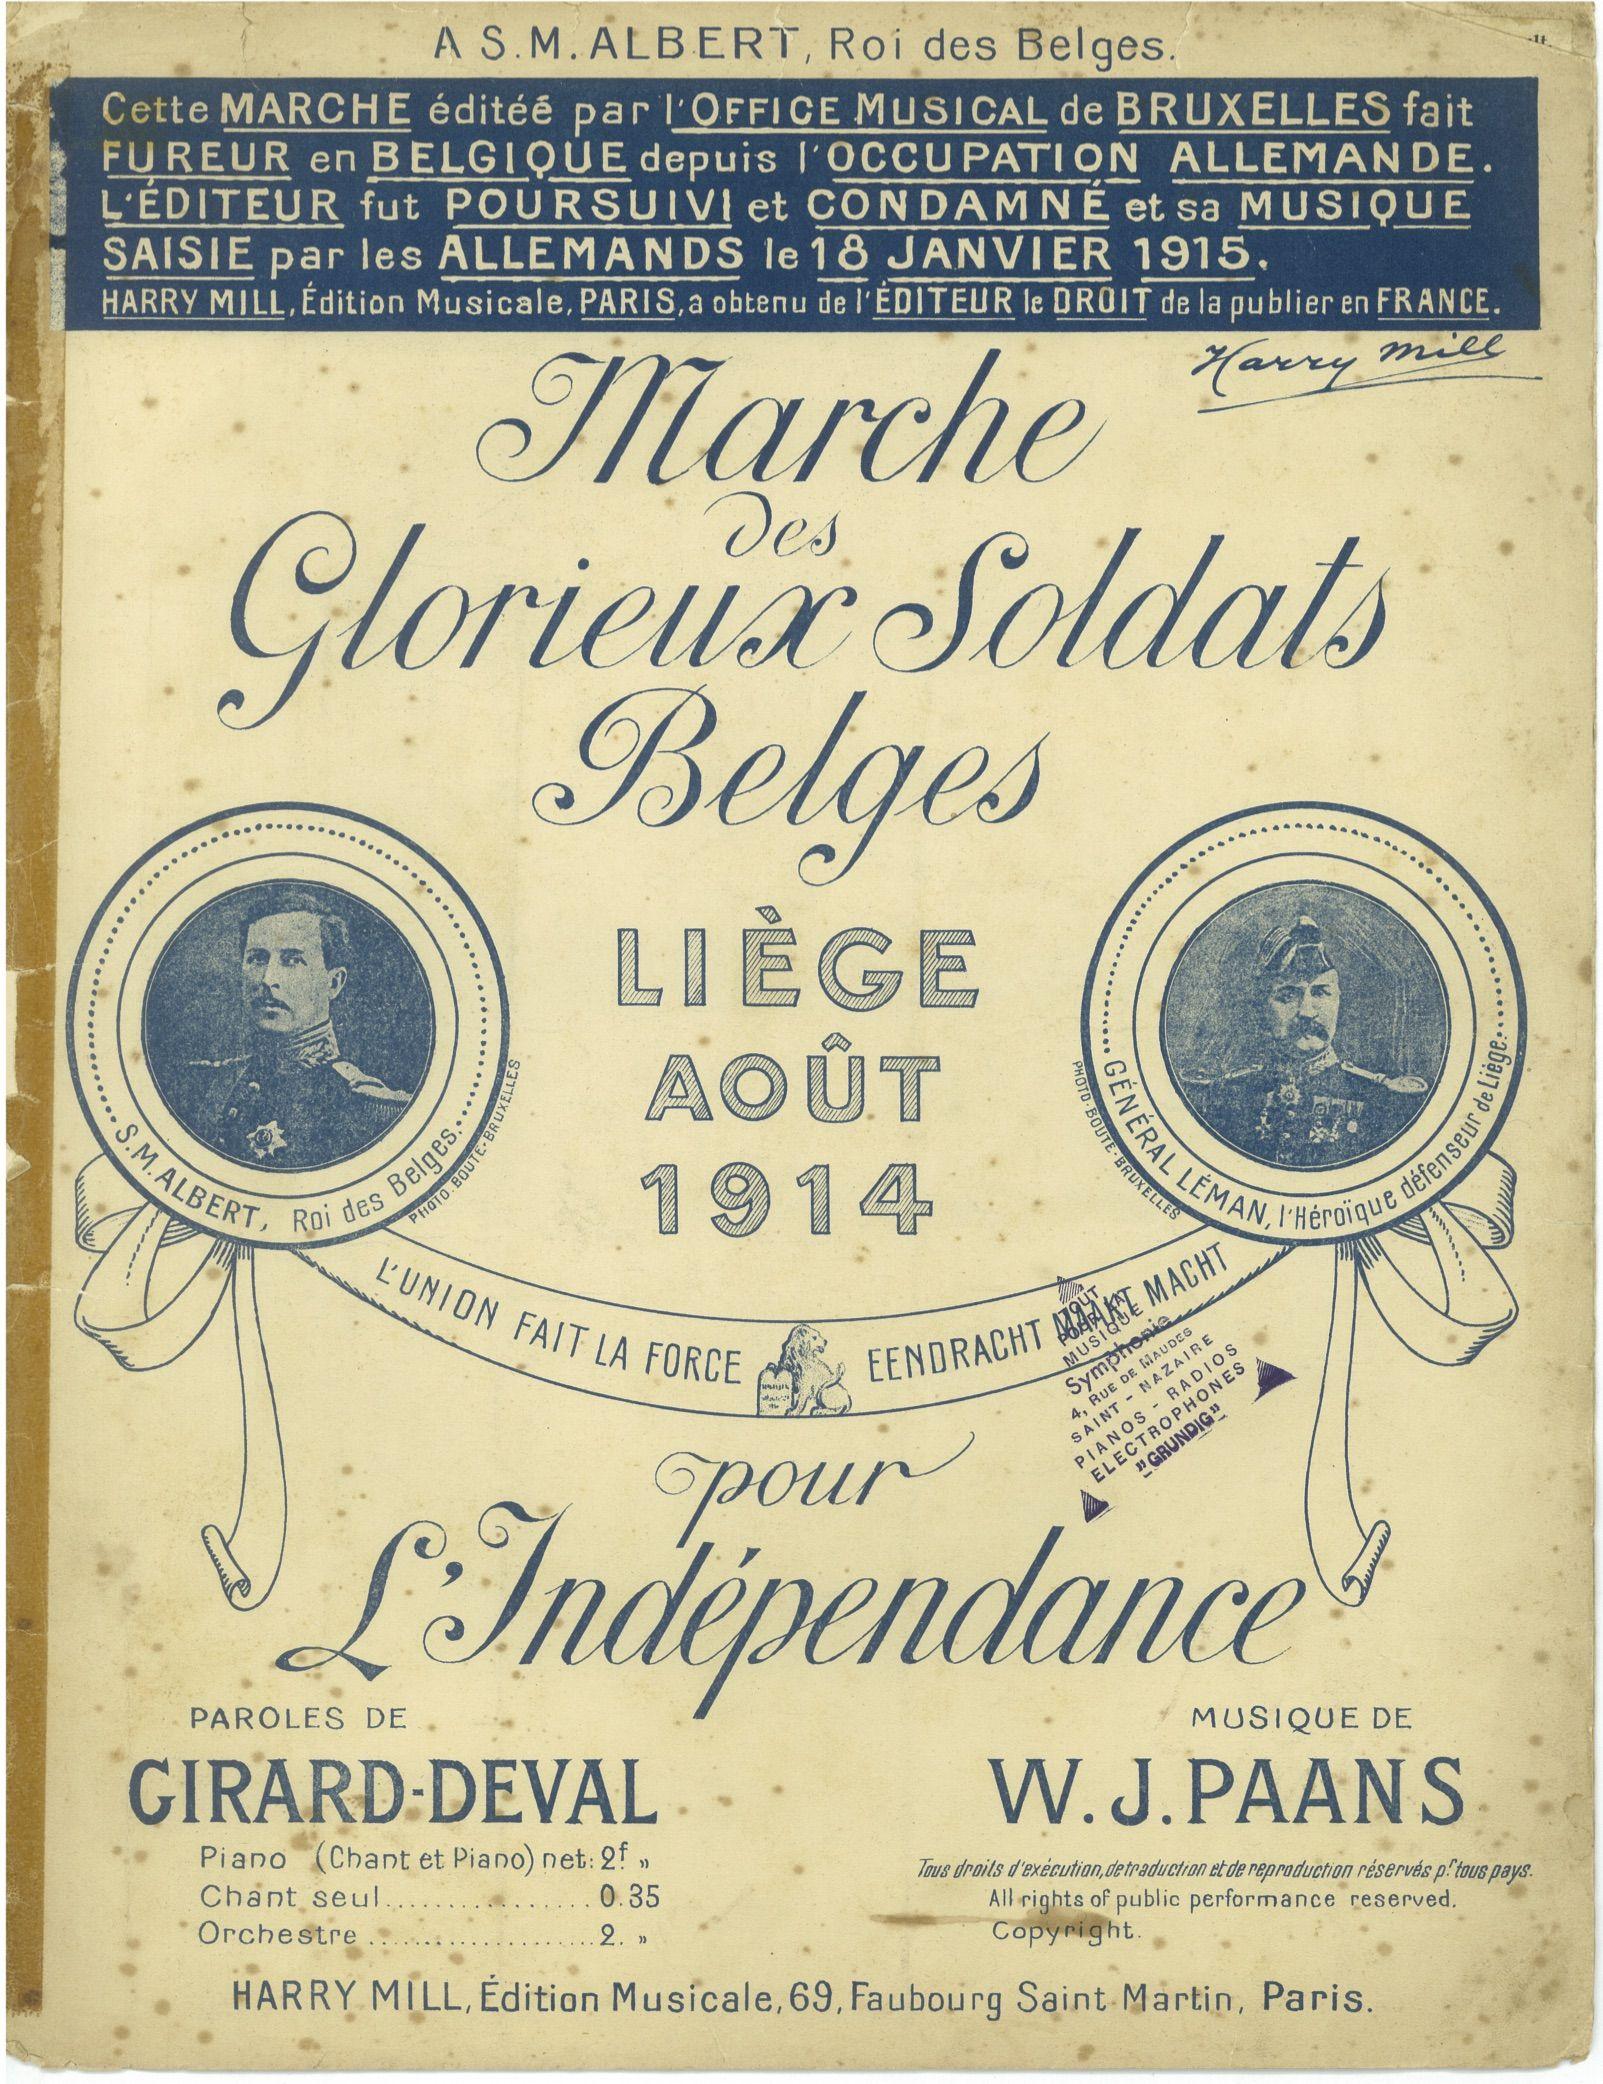 cfafdc195df26 Fig. 3b – Willem–Jan Paans (musique), Gaston Girard–Deval (texte), [s.n.]  (illustration), Marche des glorieux soldats belges, Paris, Harry Mill,  1914, coll.